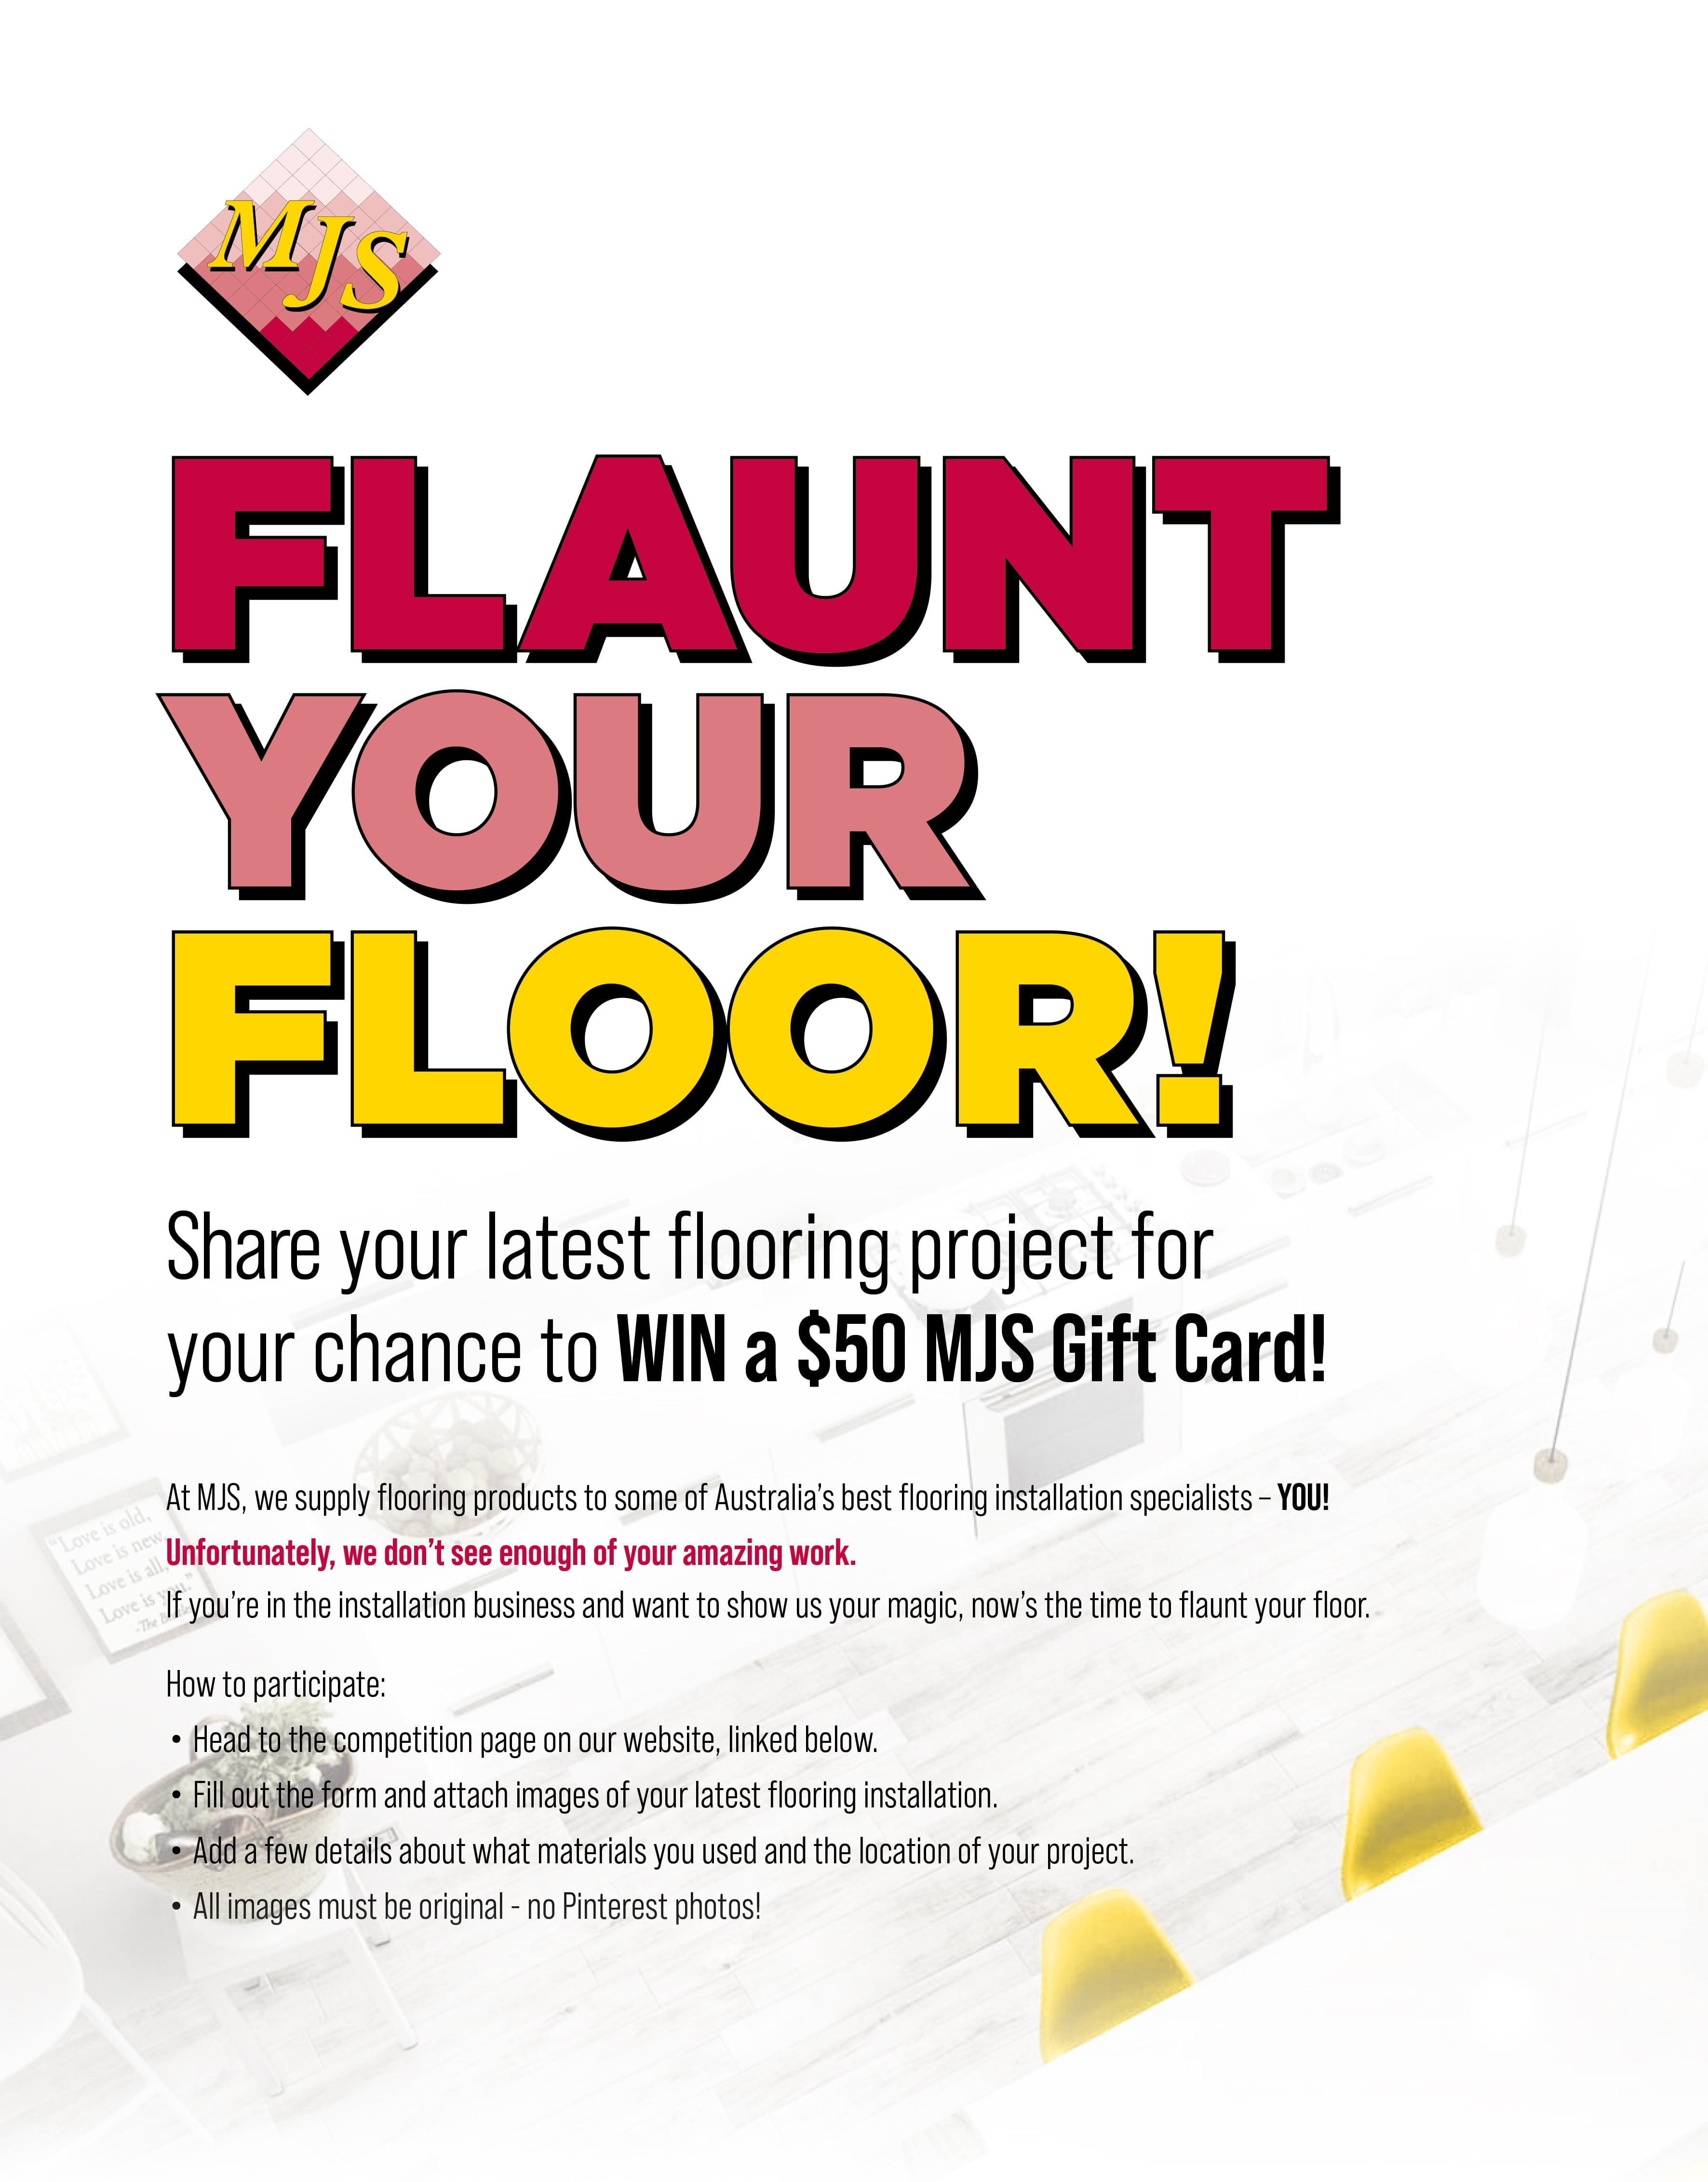 Flaunt Your Floor